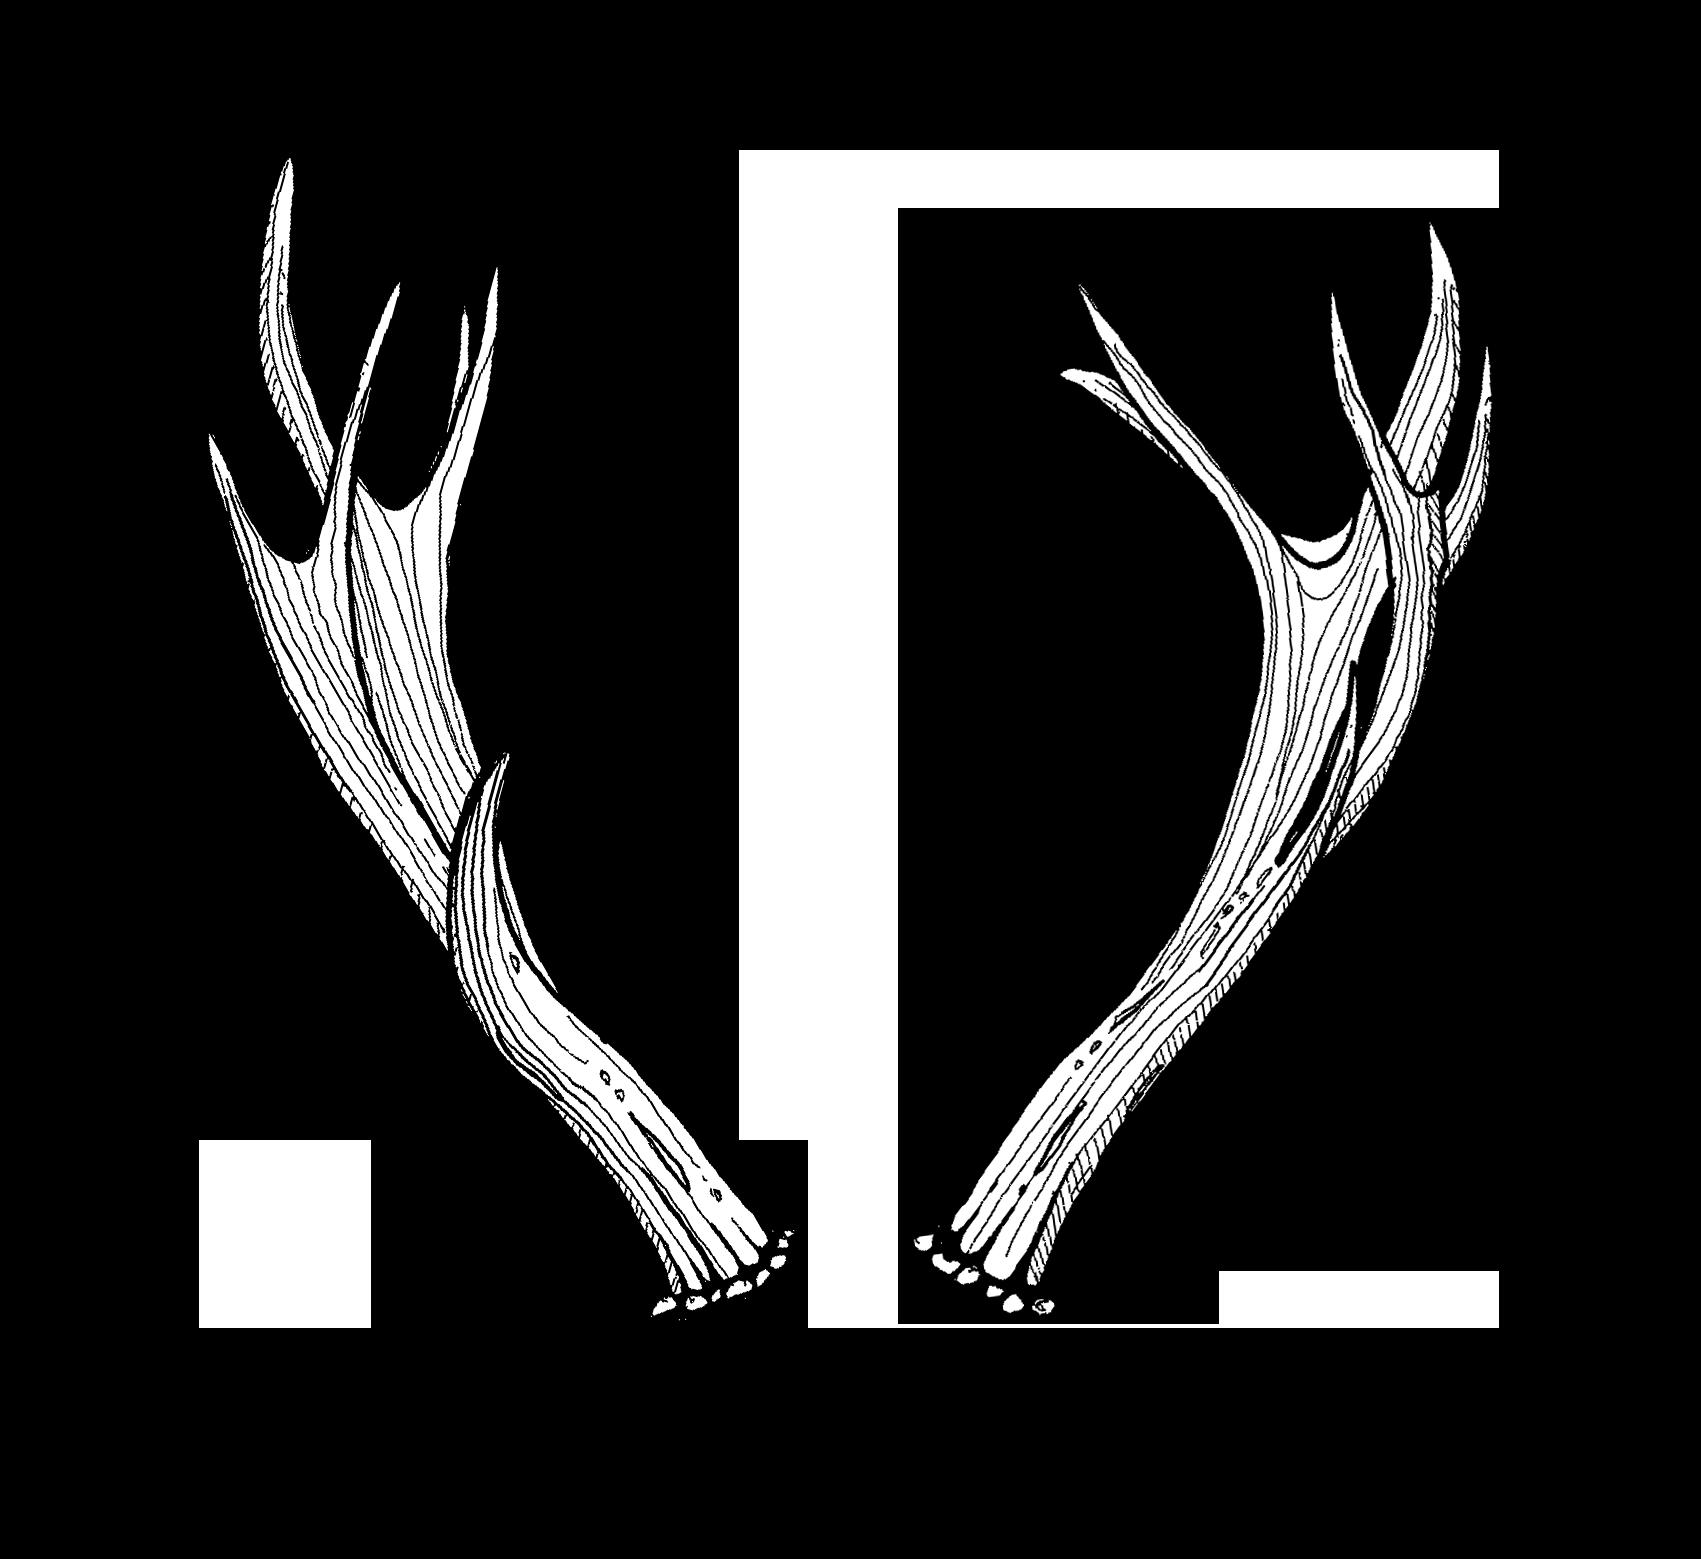 Antlers_web_pair-2.png